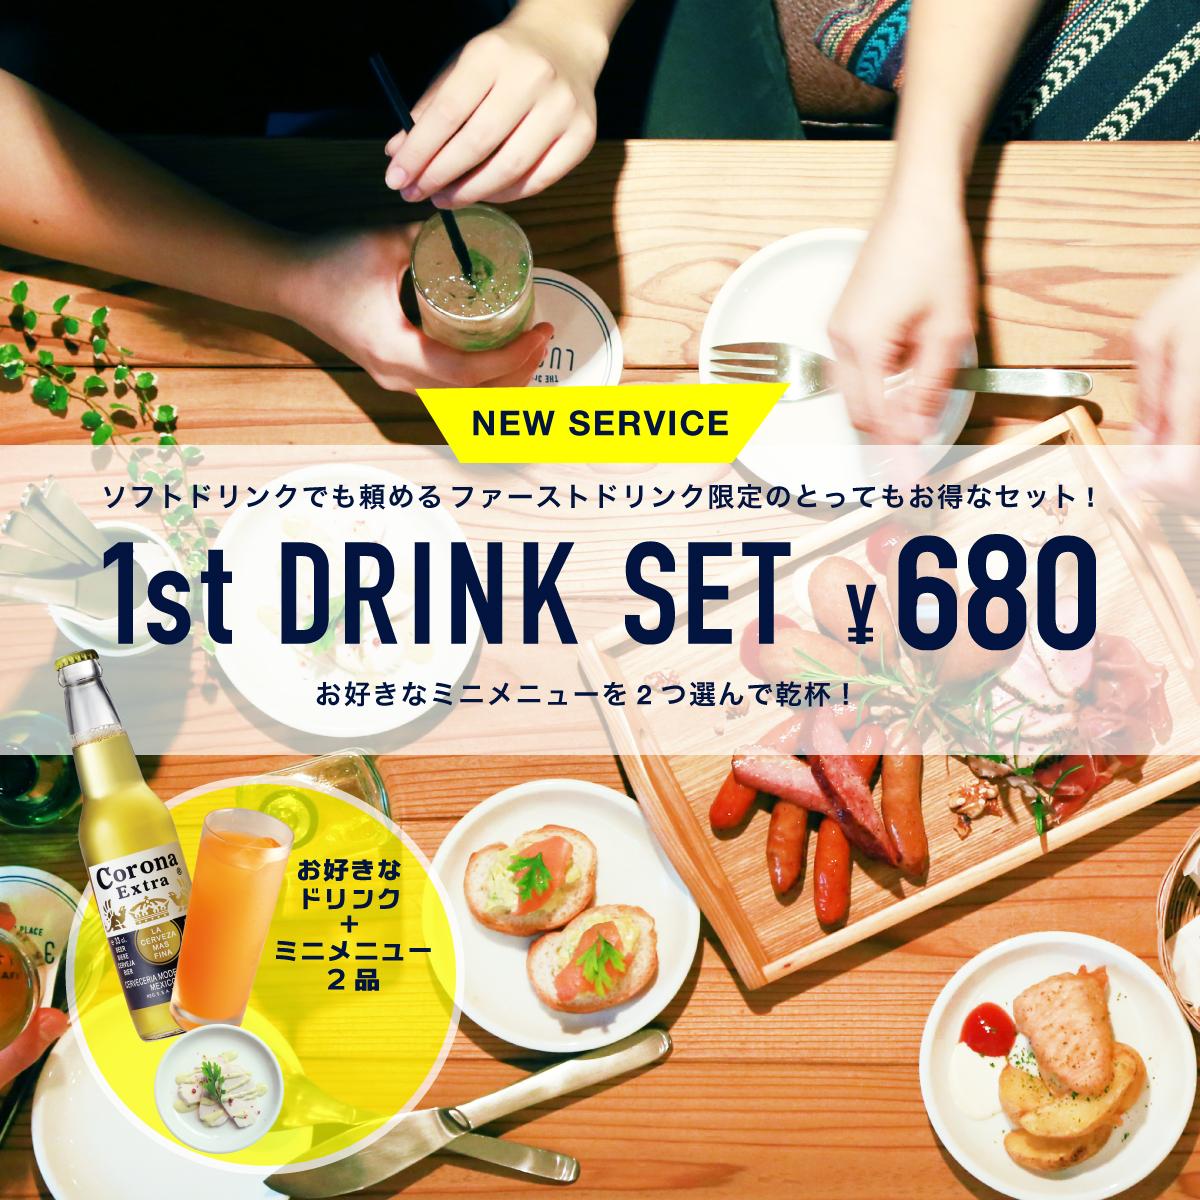 1st Drink Set